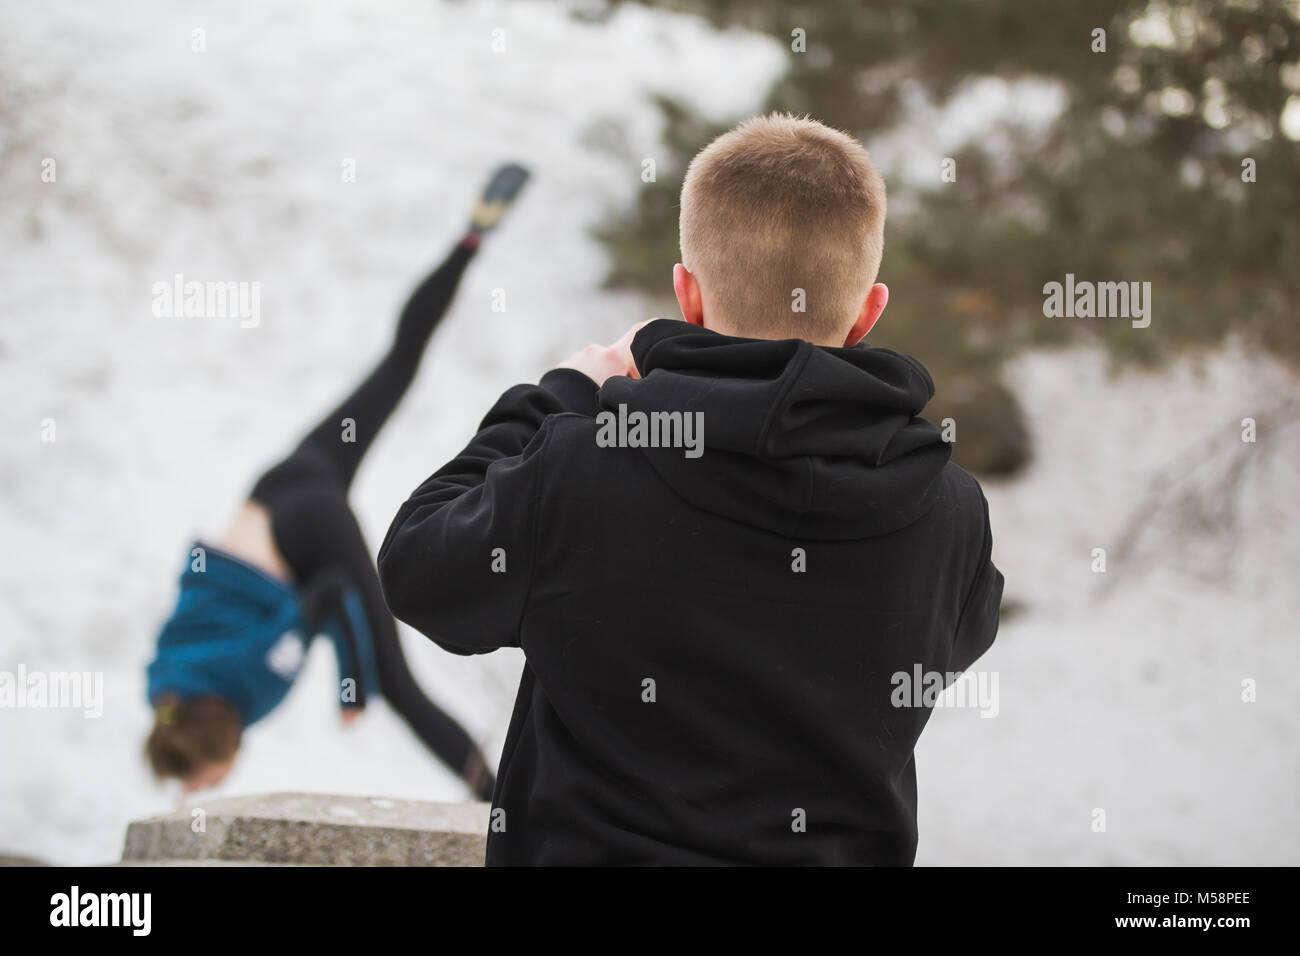 Ragazzo adolescente cercando di salto acrobatico ragazza in winter city park - Concetto di parkour Immagini Stock